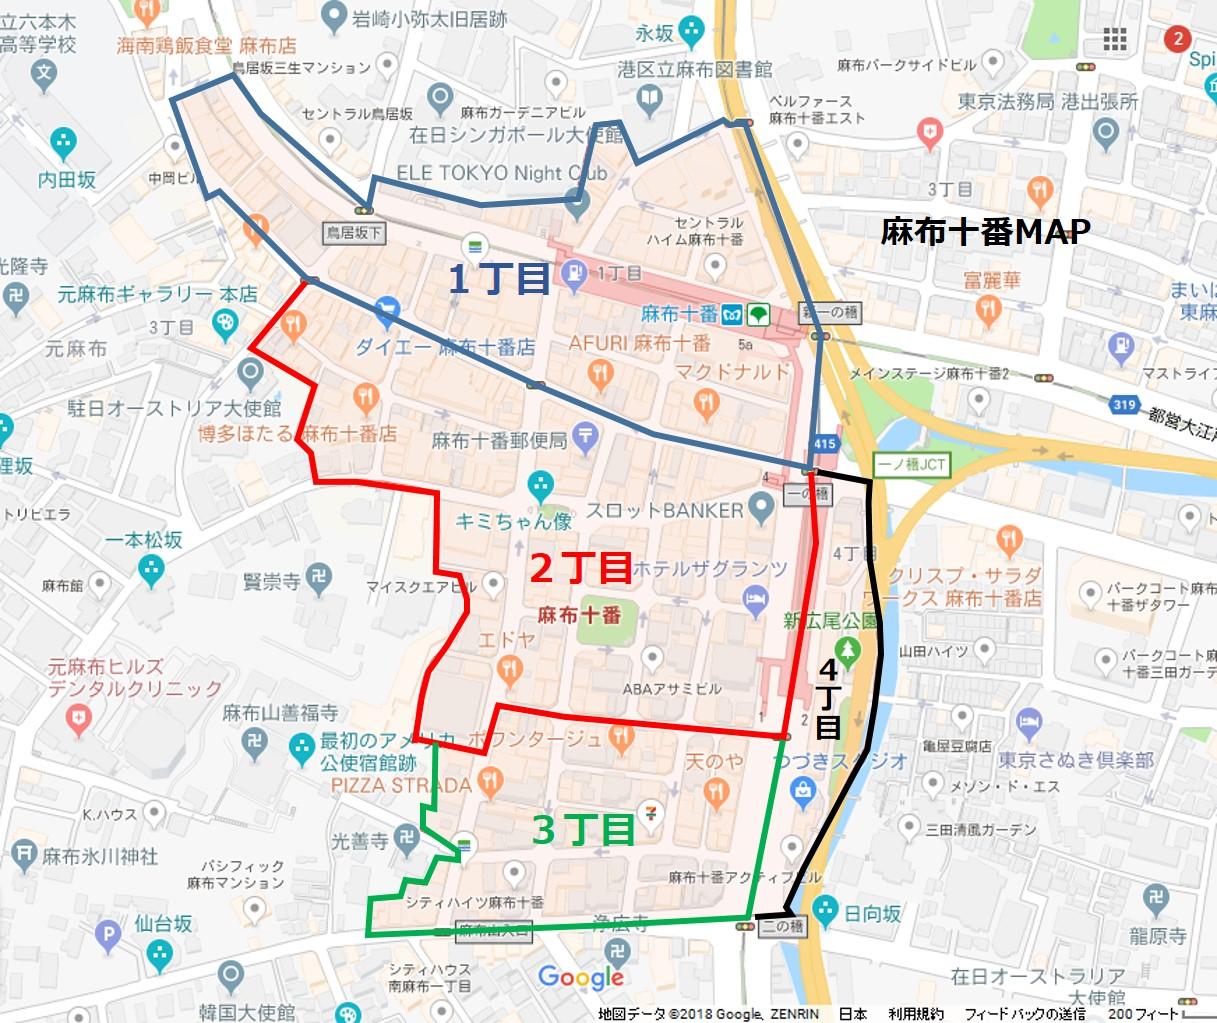 麻布十番MAP